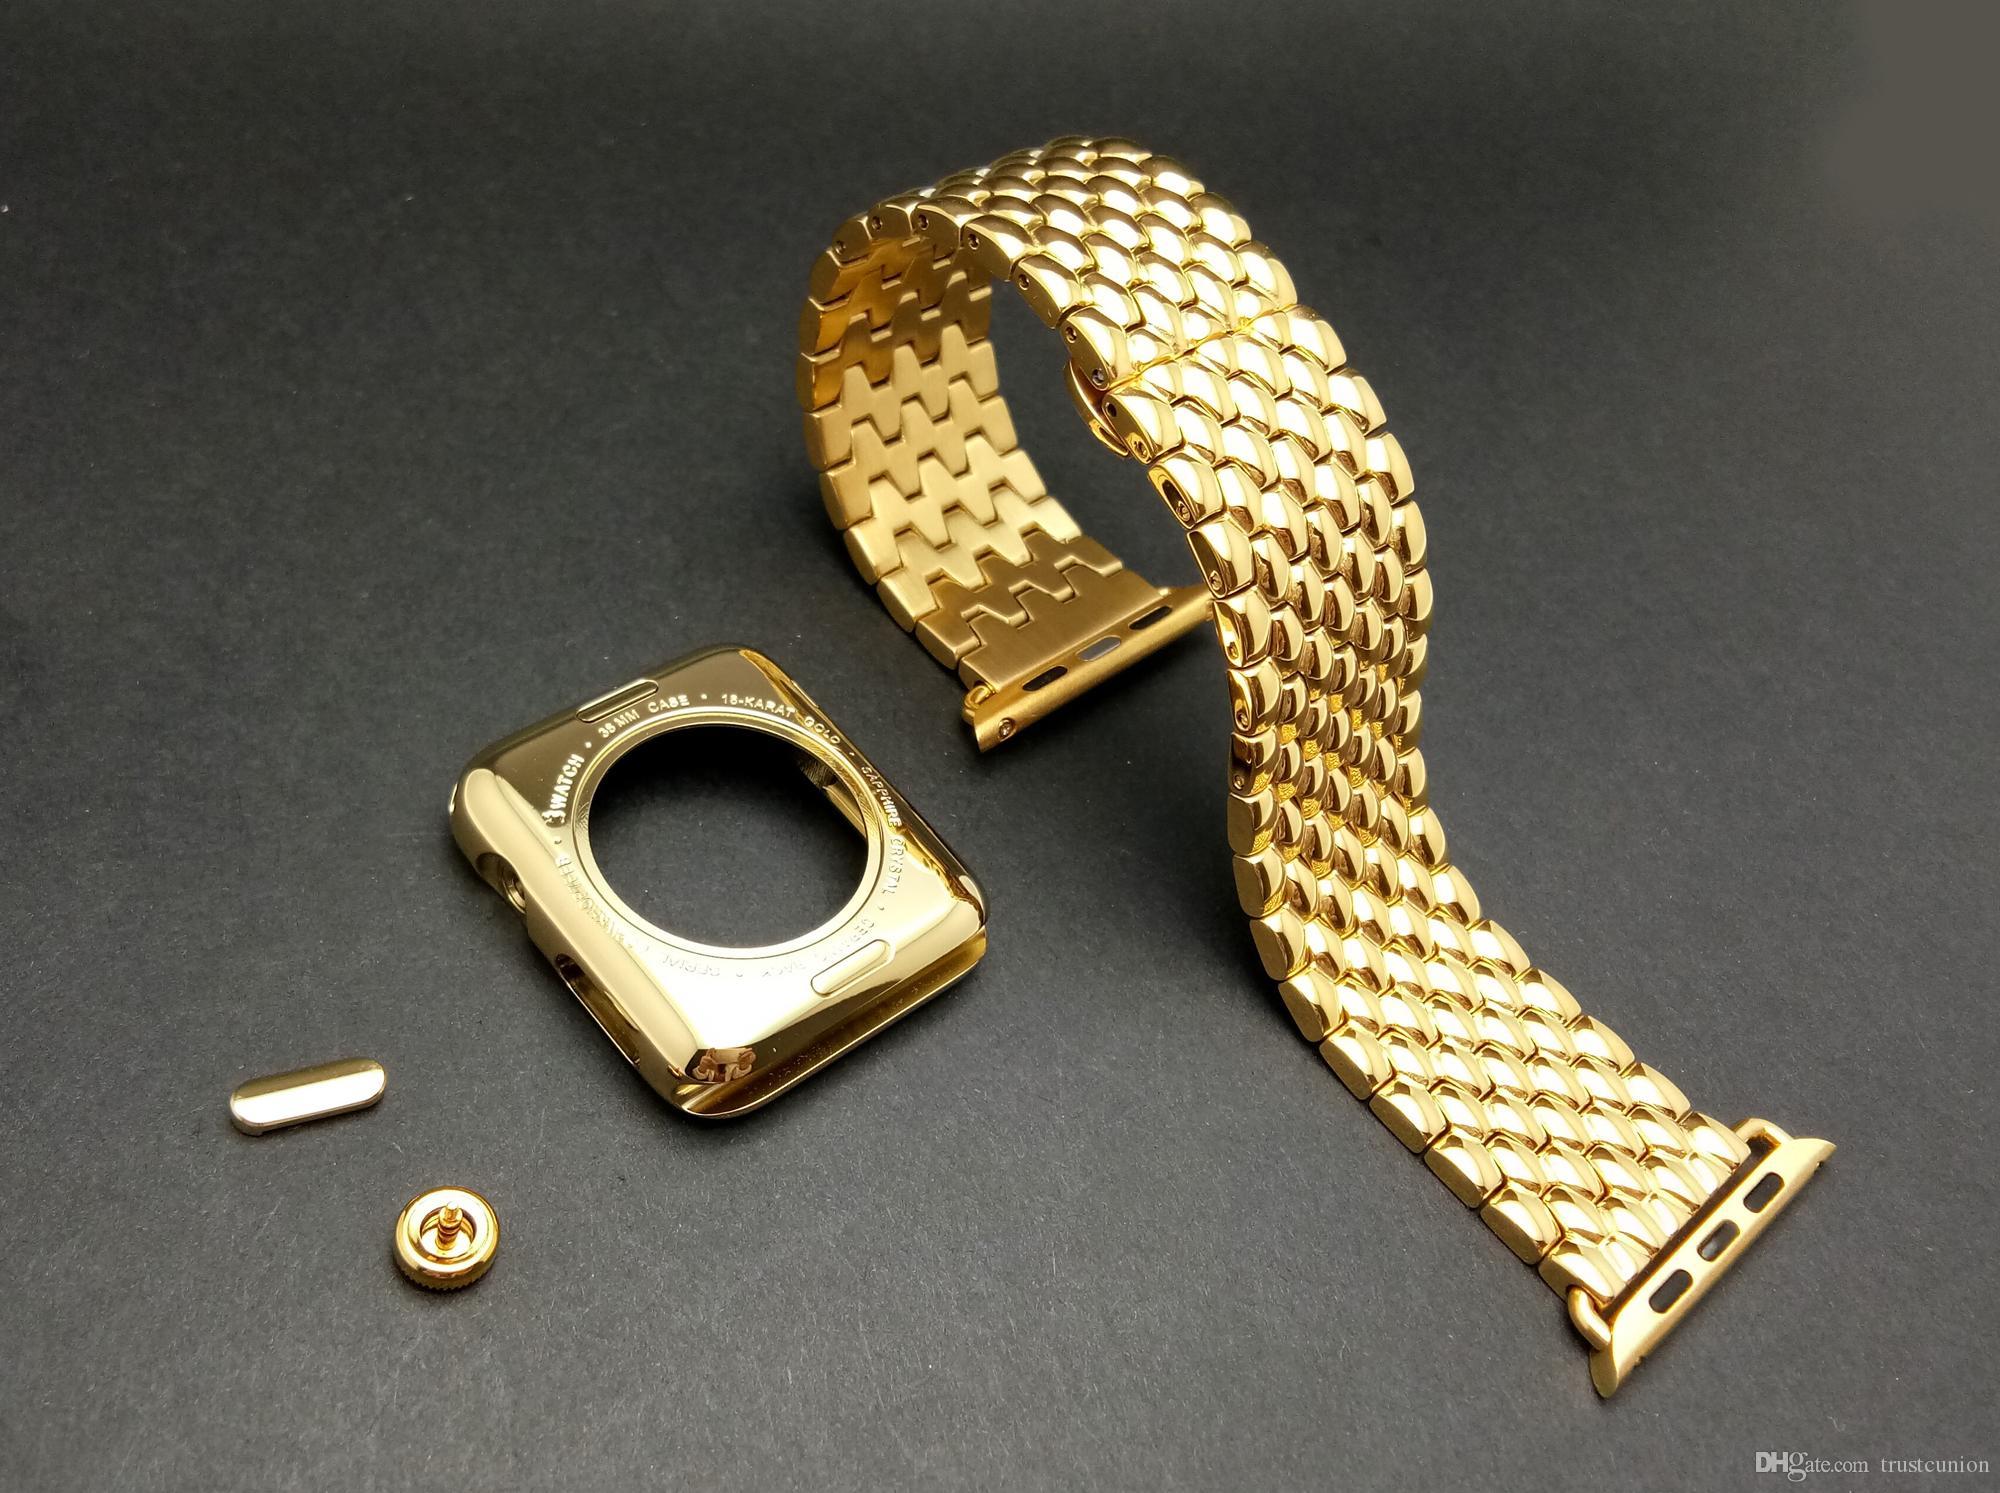 80b13756d79d Compre Caja De Reloj Dorada Con Marco De Oro De Acero Inoxidable 24K Dorado  + Correa De Reloj De Acero Inoxidable Dorado Para Apple Watch S1 42MM Envío  ...